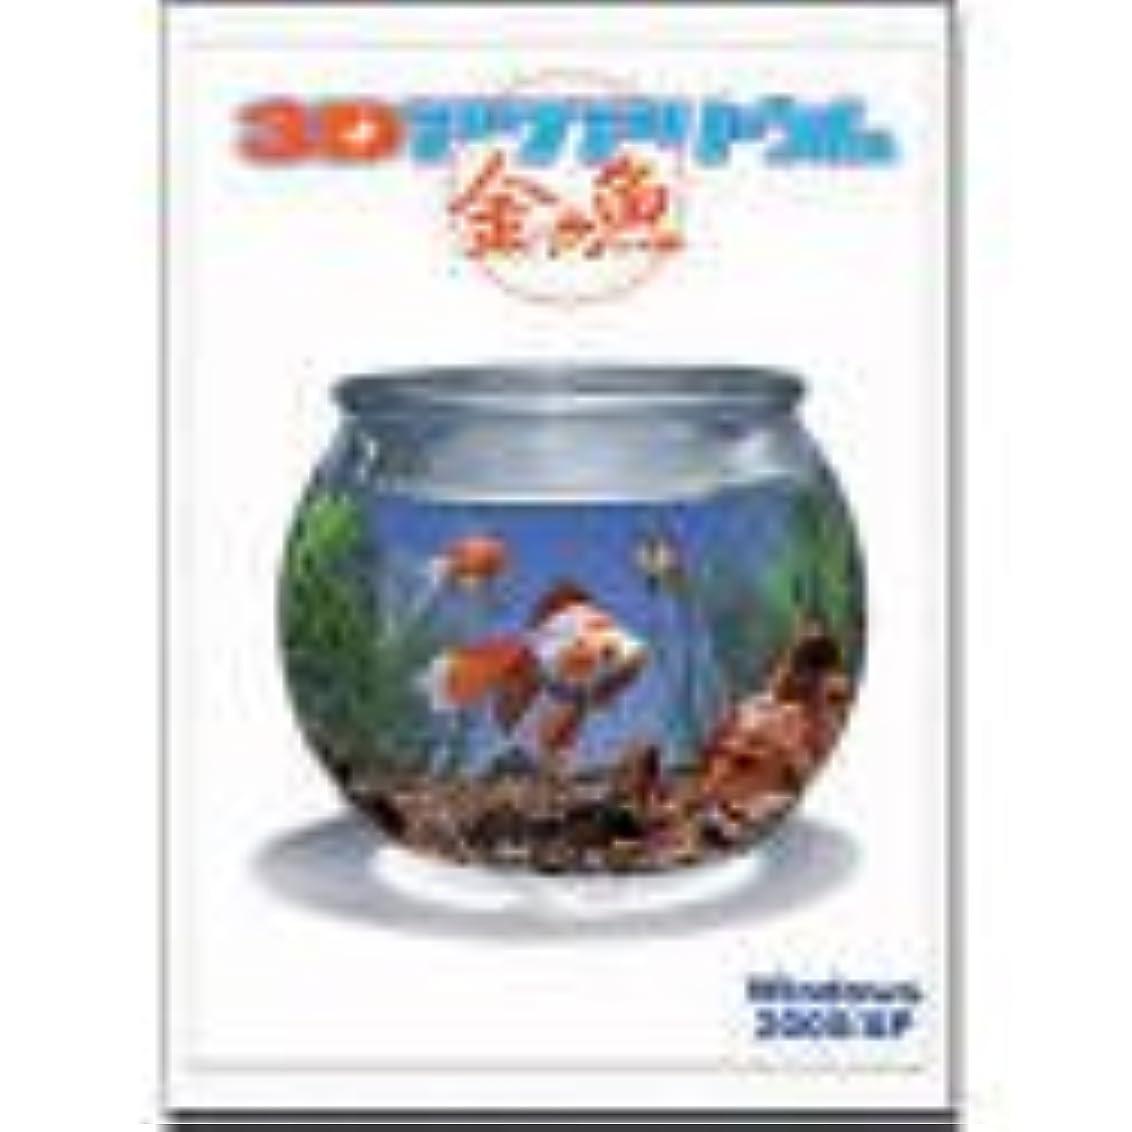 麻痺させる罪失われた3Dアクアリウム金魚 for Windows